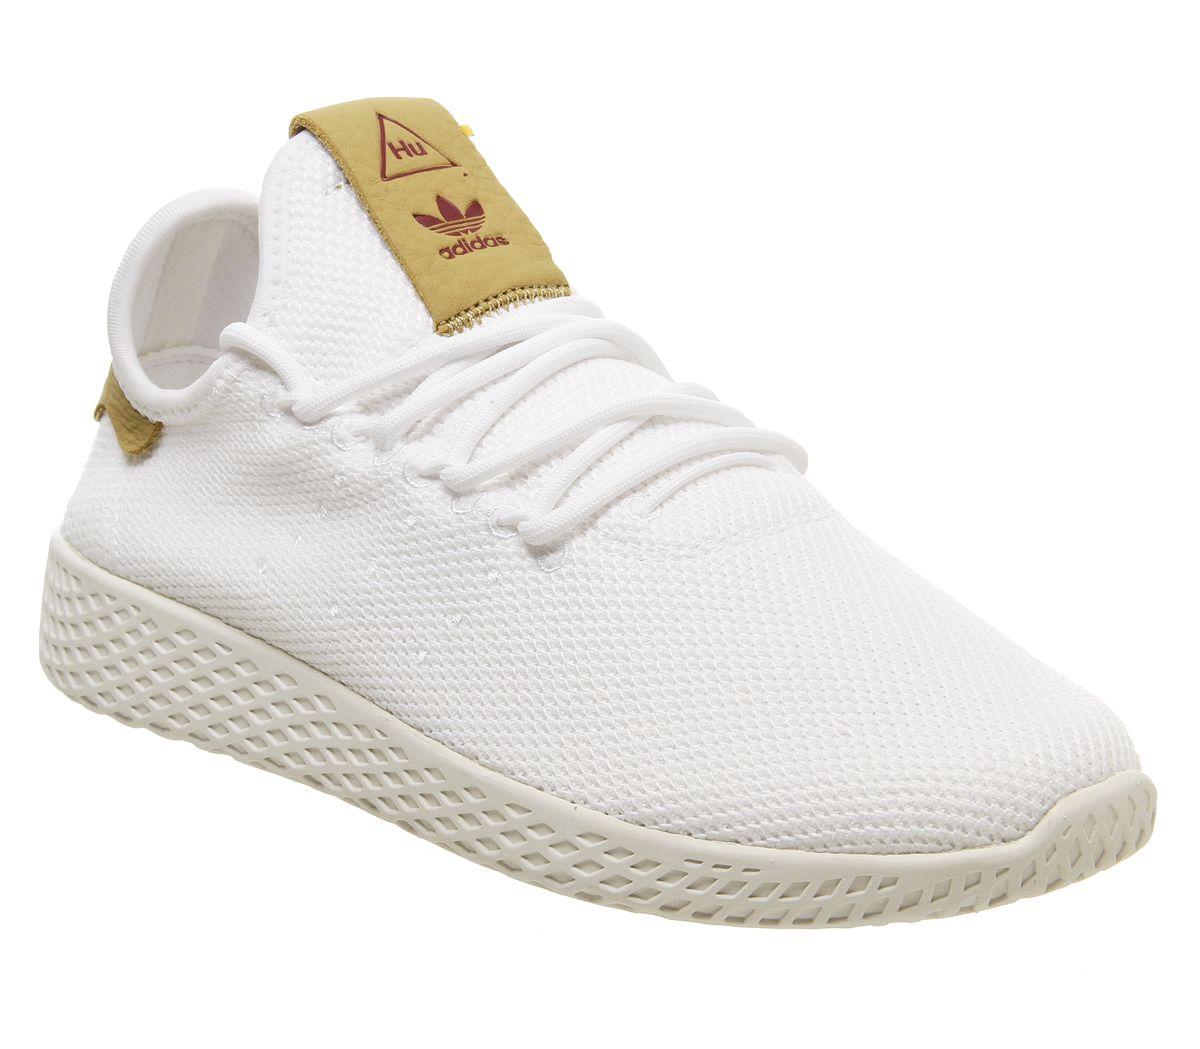 Detalles de Mujer adidas Pw Zapatillas de Tenis Blanco Crudo Arena Zapatillas Deportivas